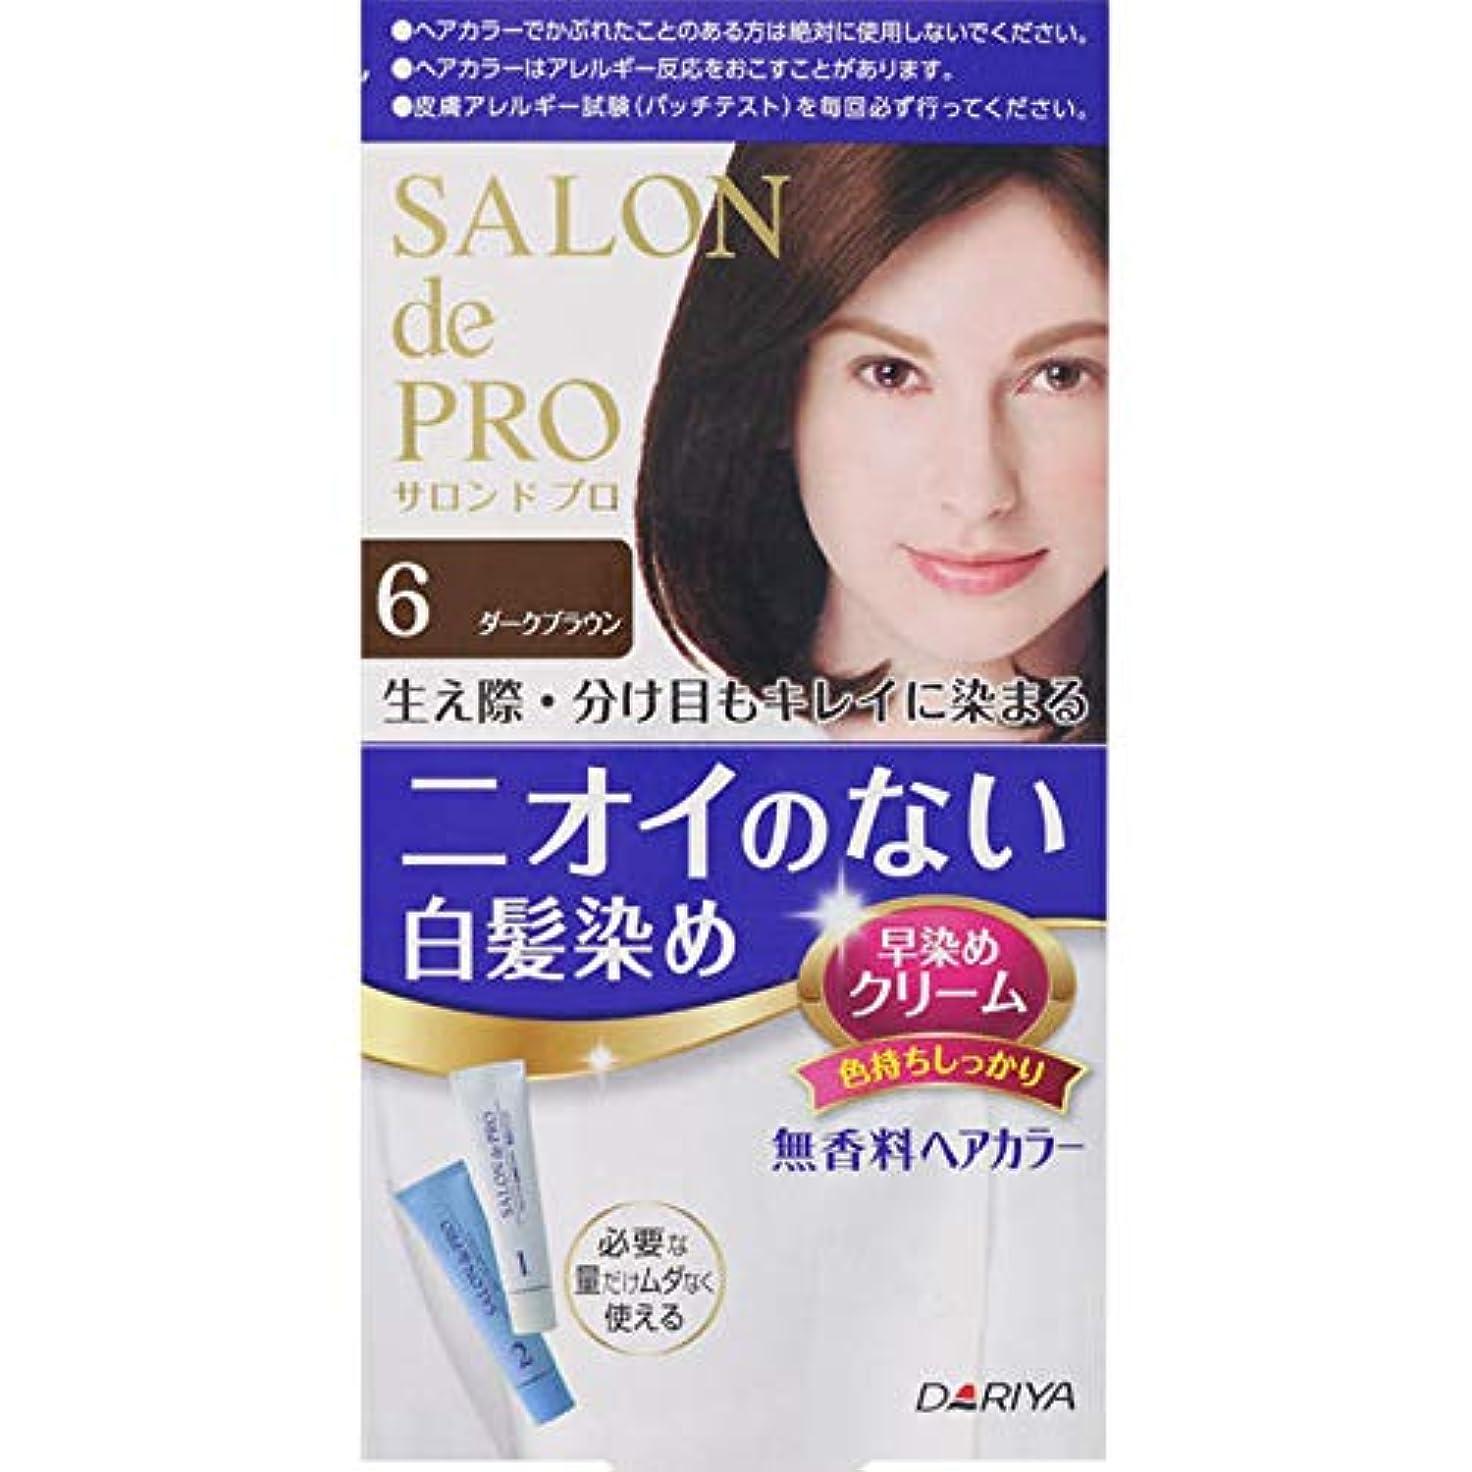 粘性のニコチン受け継ぐダリヤ サロン ド プロ 無香料ヘアカラー 早染めクリーム(白髪用) 6 ダークブラウン 40g+40g